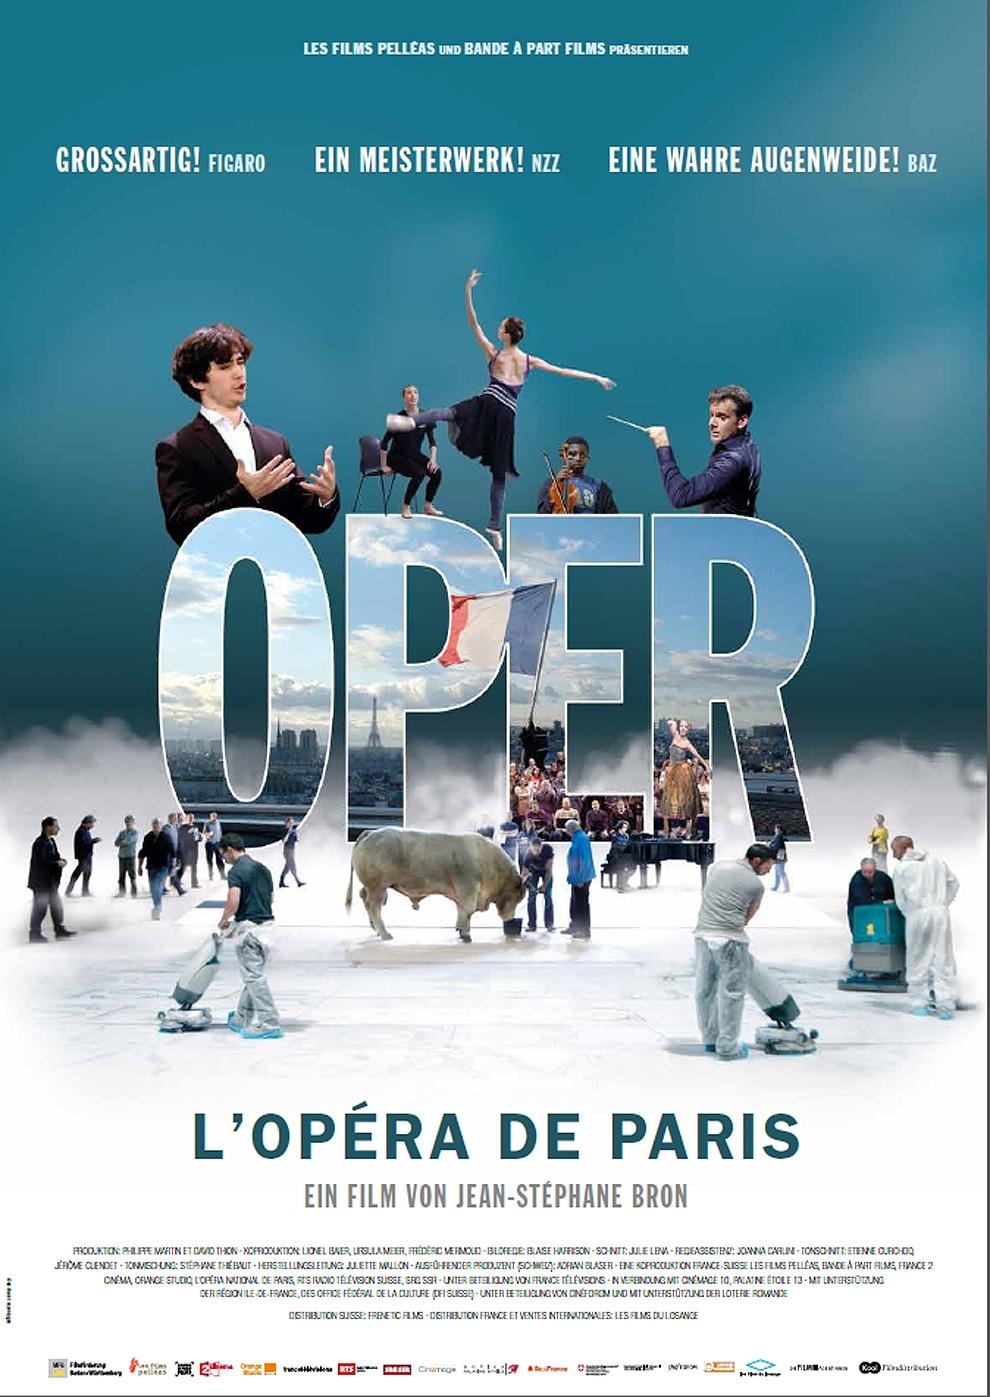 L' Opera de Paris (Poster)